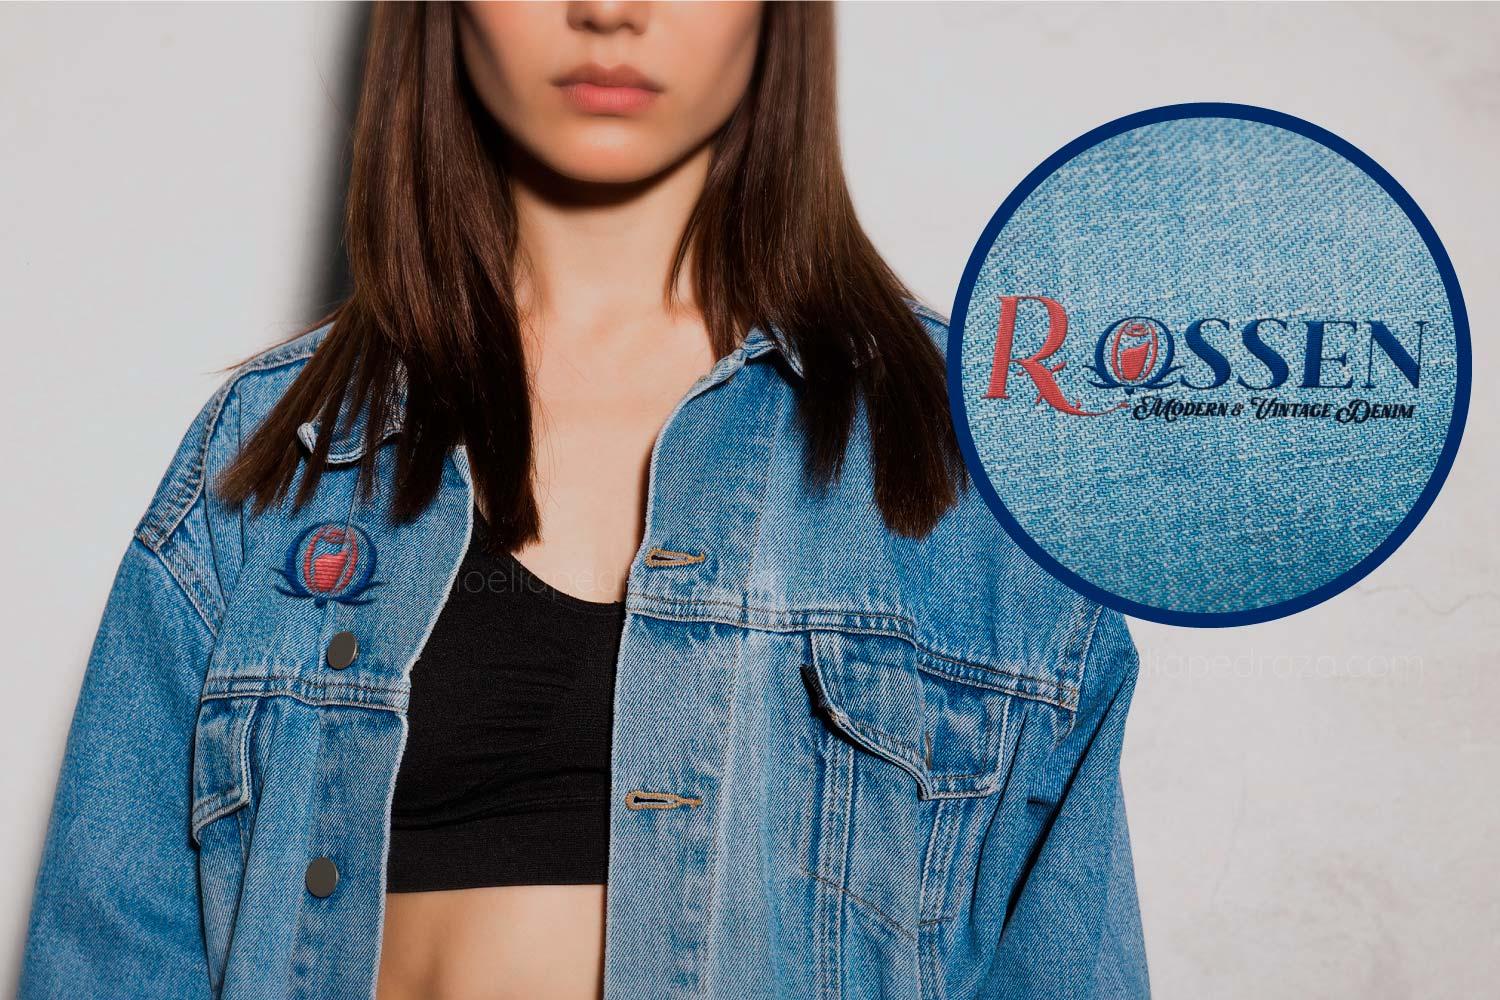 marca de ropa denim diseño de logotipo chaqueta